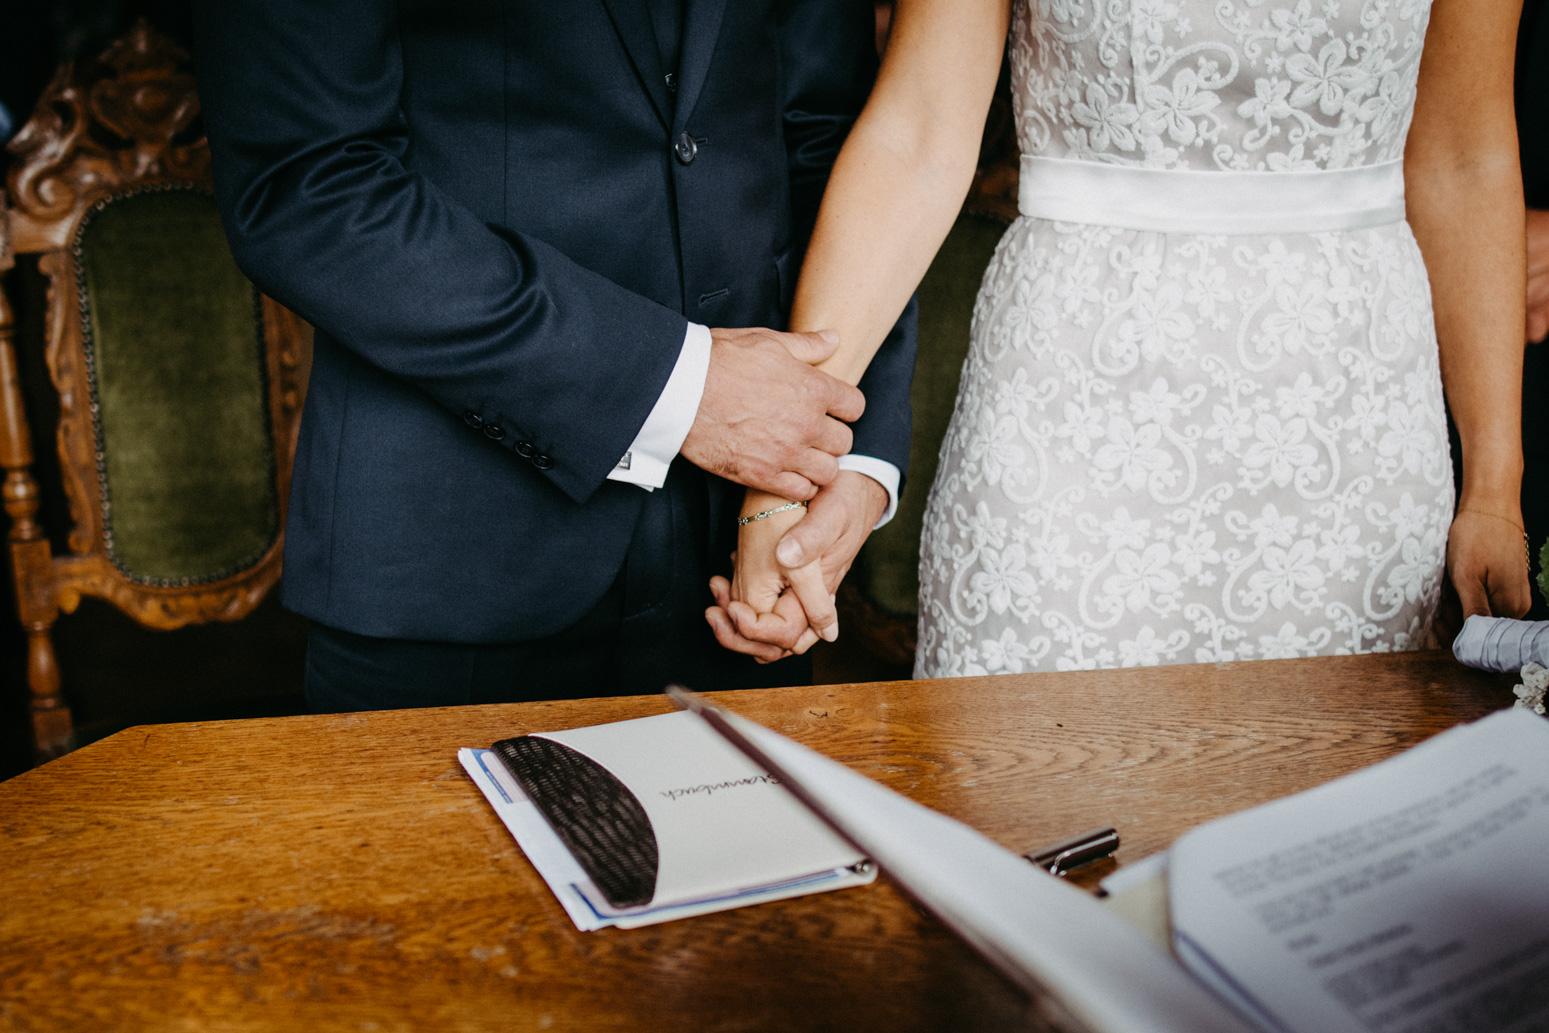 Hochzeitsfotografin Daria Becker bei einer Trauung auf Schloss Drachenburg in Königswinter